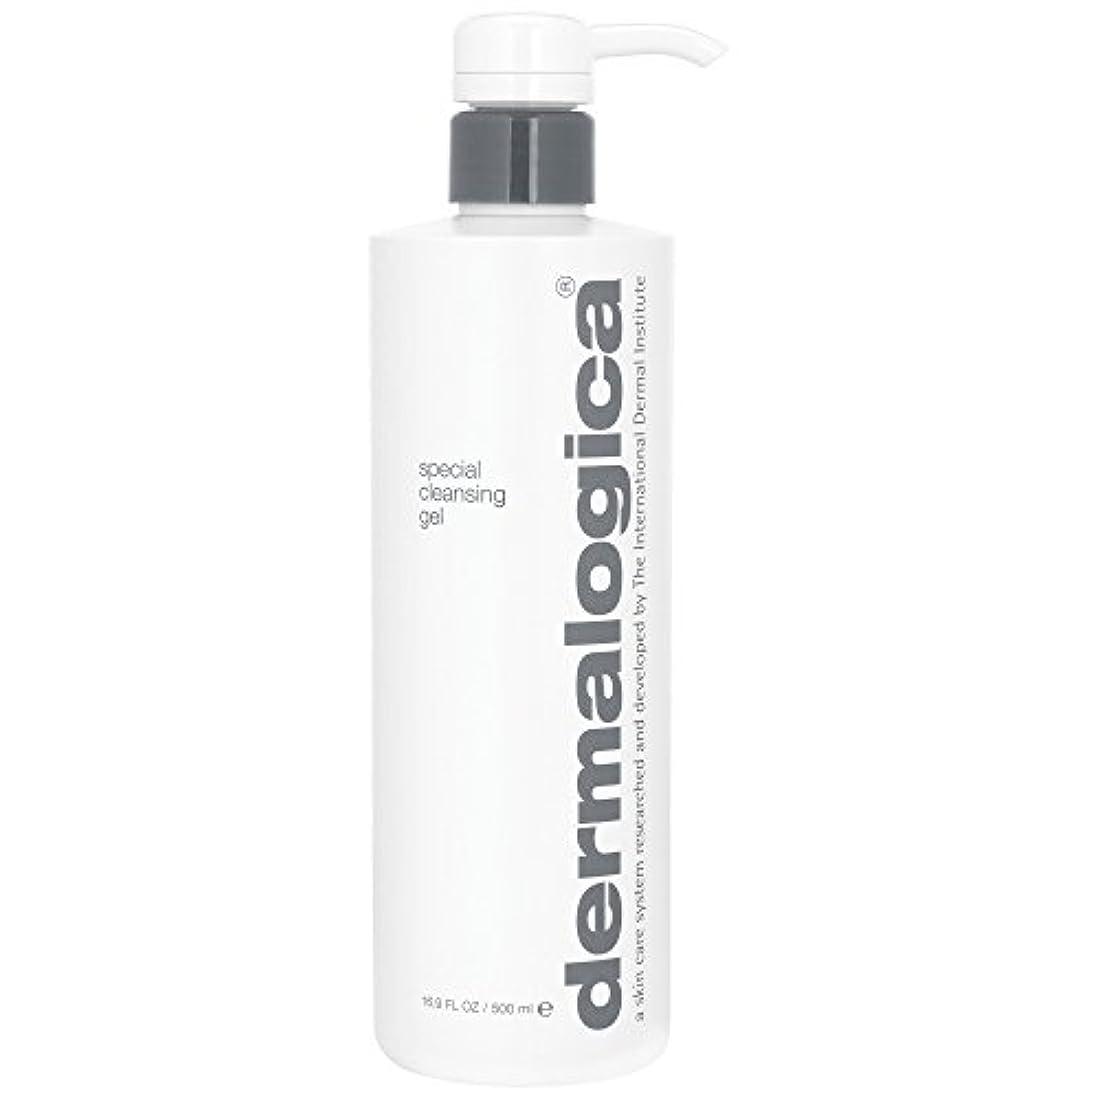 平行適用済みホームレスダーマロジカ特別なクレンジングゲル500ミリリットル (Dermalogica) - Dermalogica Special Cleansing Gel 500ml [並行輸入品]